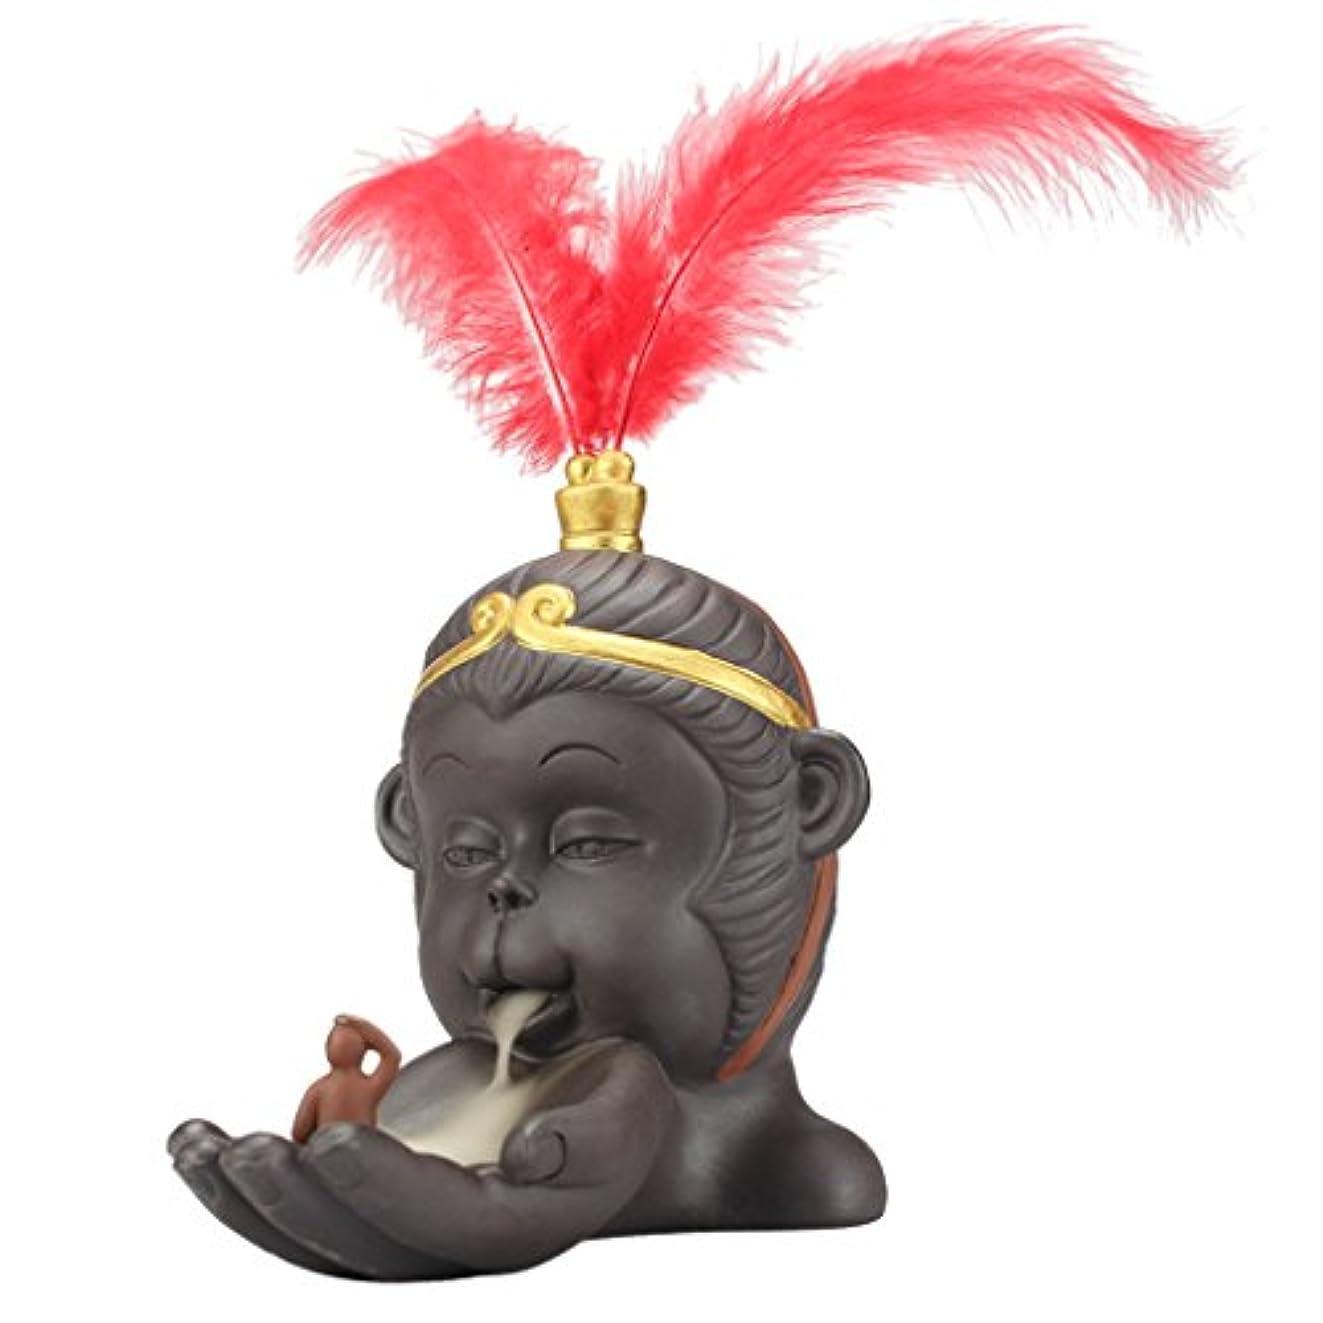 いわゆるトラフきれいに小型 仏教 香炉 バーナーホルダー 逆流コーン 香バーナー 絶妙 技量 - 赤